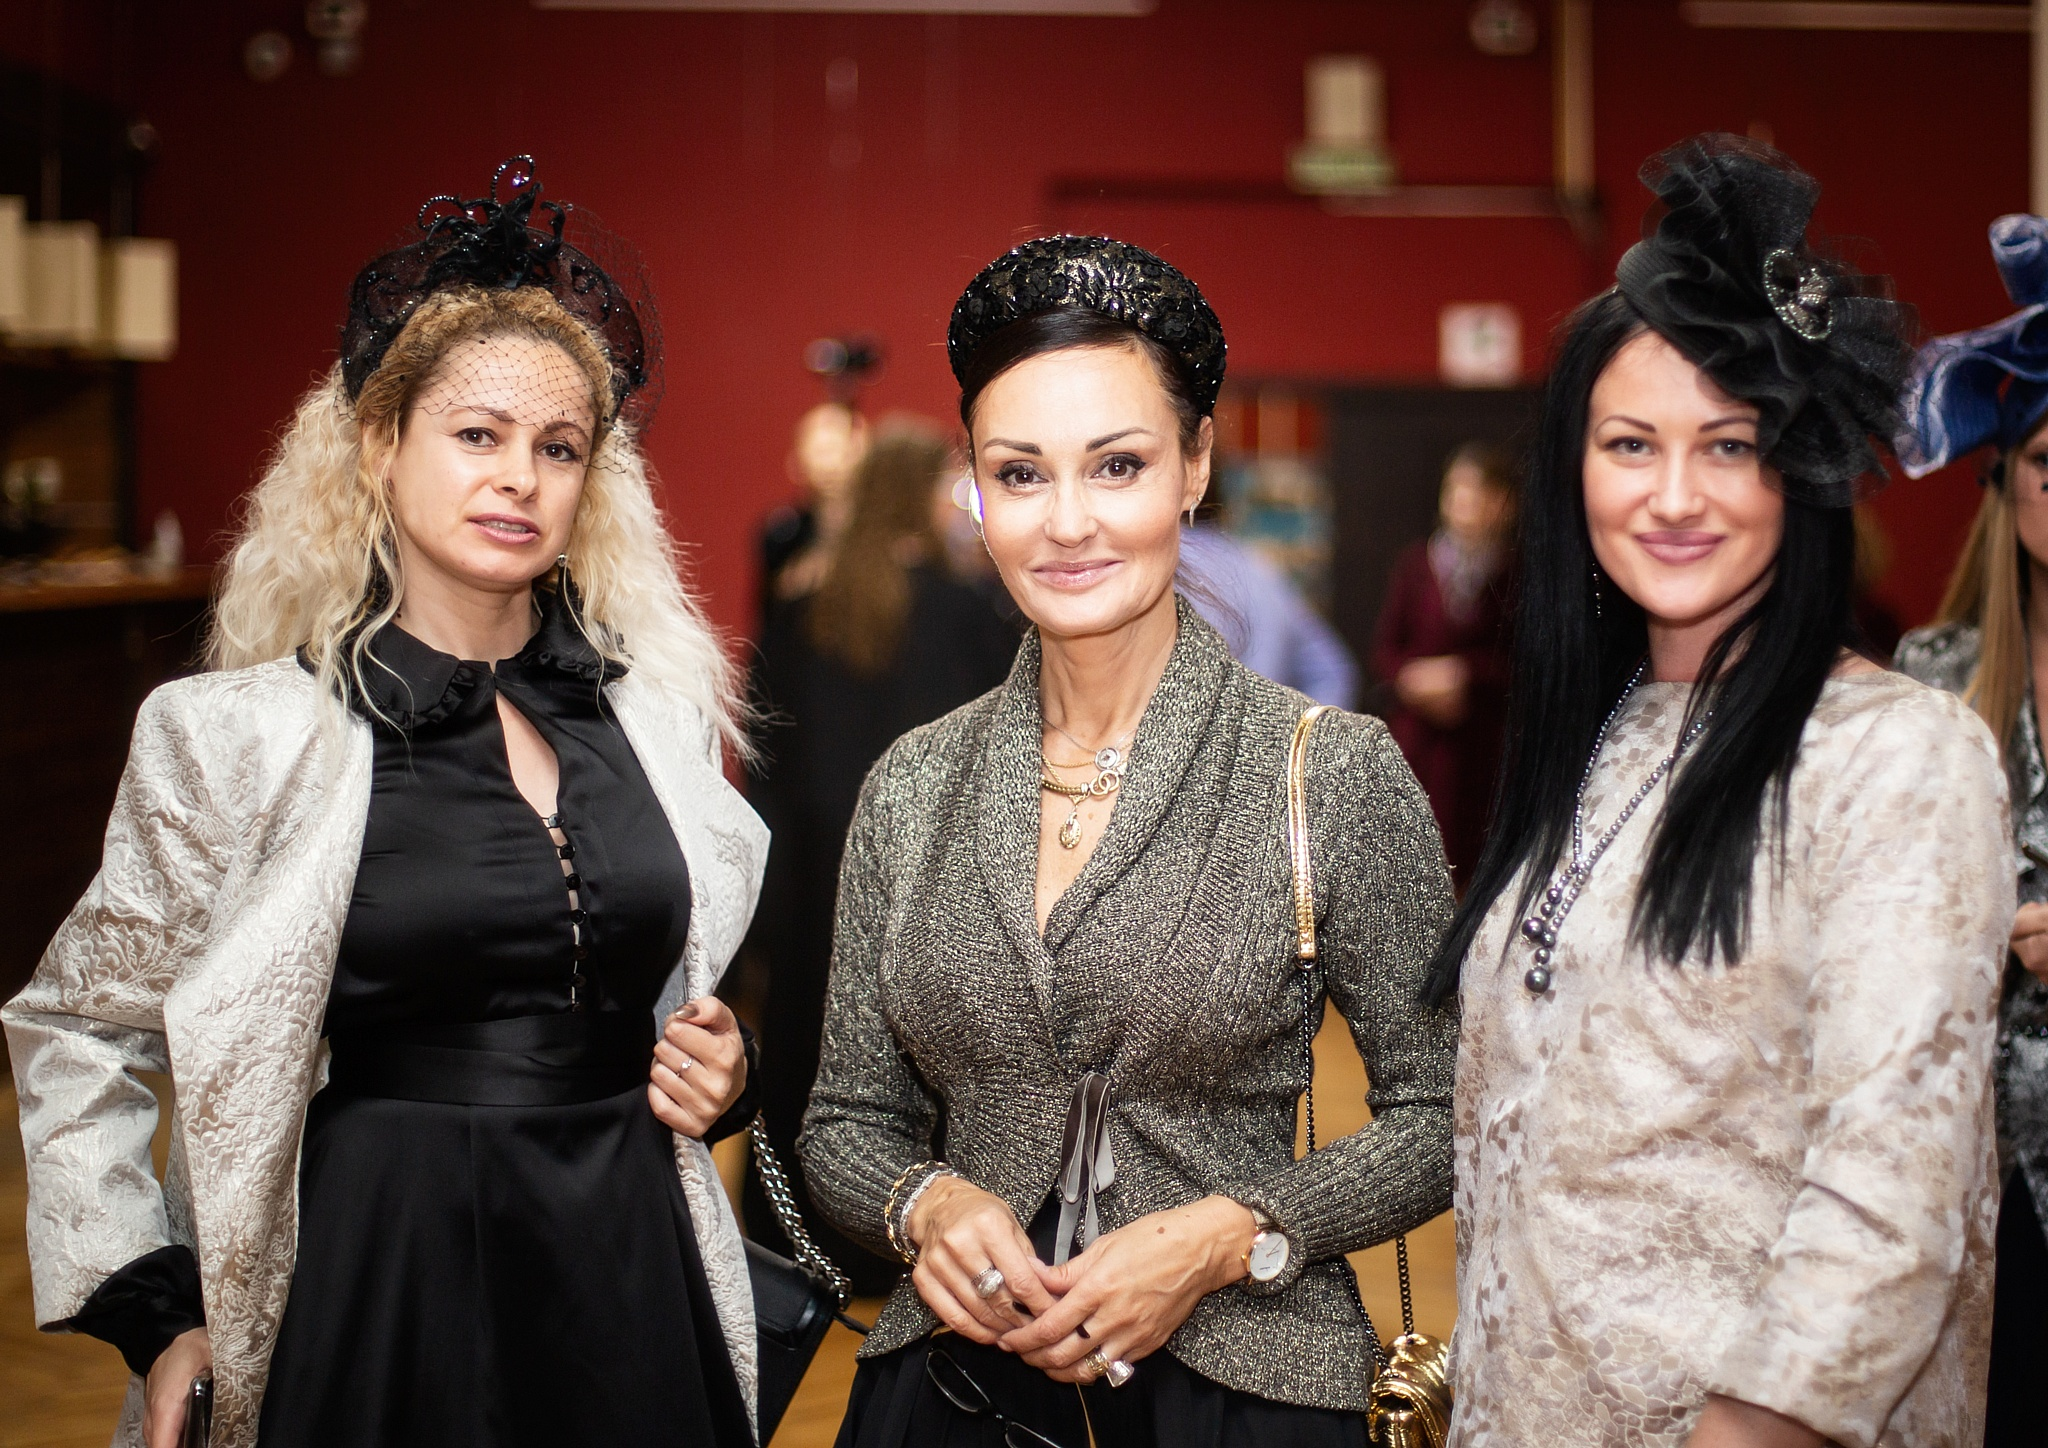 Модели Людмила Дювэн и Екатрина Боброва, дизайнер головных уборов Светлана Кварта (в центре)